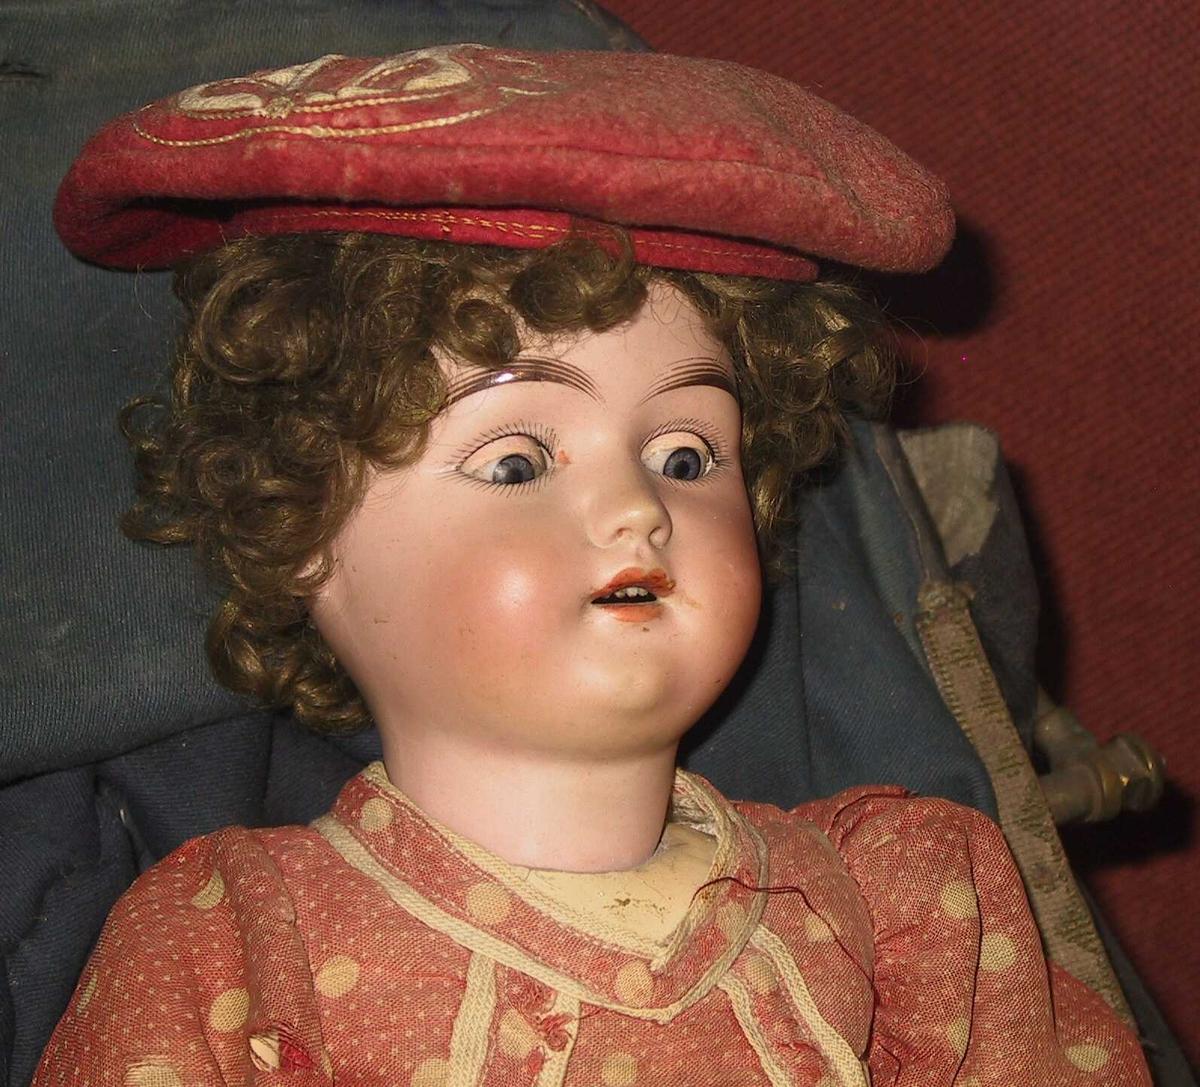 Dukke, påkledd, fra  beg.  av 1900 tallet.     Porselenshode, leddet   tre  kropp.    Brunkrøllet hode, ekte hår, rose  karnasjon, blå  øyne som kan lukkes, åpen munn.  Armene har ledd  i skulder, albu og håndledd,  benene i knærne.  Tilstand: slitt, men i orden.    b) Kjole, hvitprikket rød   bomull, baklukket,  høyt liv med oversydde bånd, kantebånd nede.  falmet, særlig på forsiden.    c) Underskjørt, gulnet, med smal blondekant nede,  knyttet med strikk i ryggen.    d) Chemise, maskinstrikket tricot, hvit.    e-f) Strømper, som d), litt hullet og flekket.    g-h) Sorte sko med afikelrem, under sålen mrk. nr.: 3    i) Lue, rød, falmet, ull  med et ornament i siden